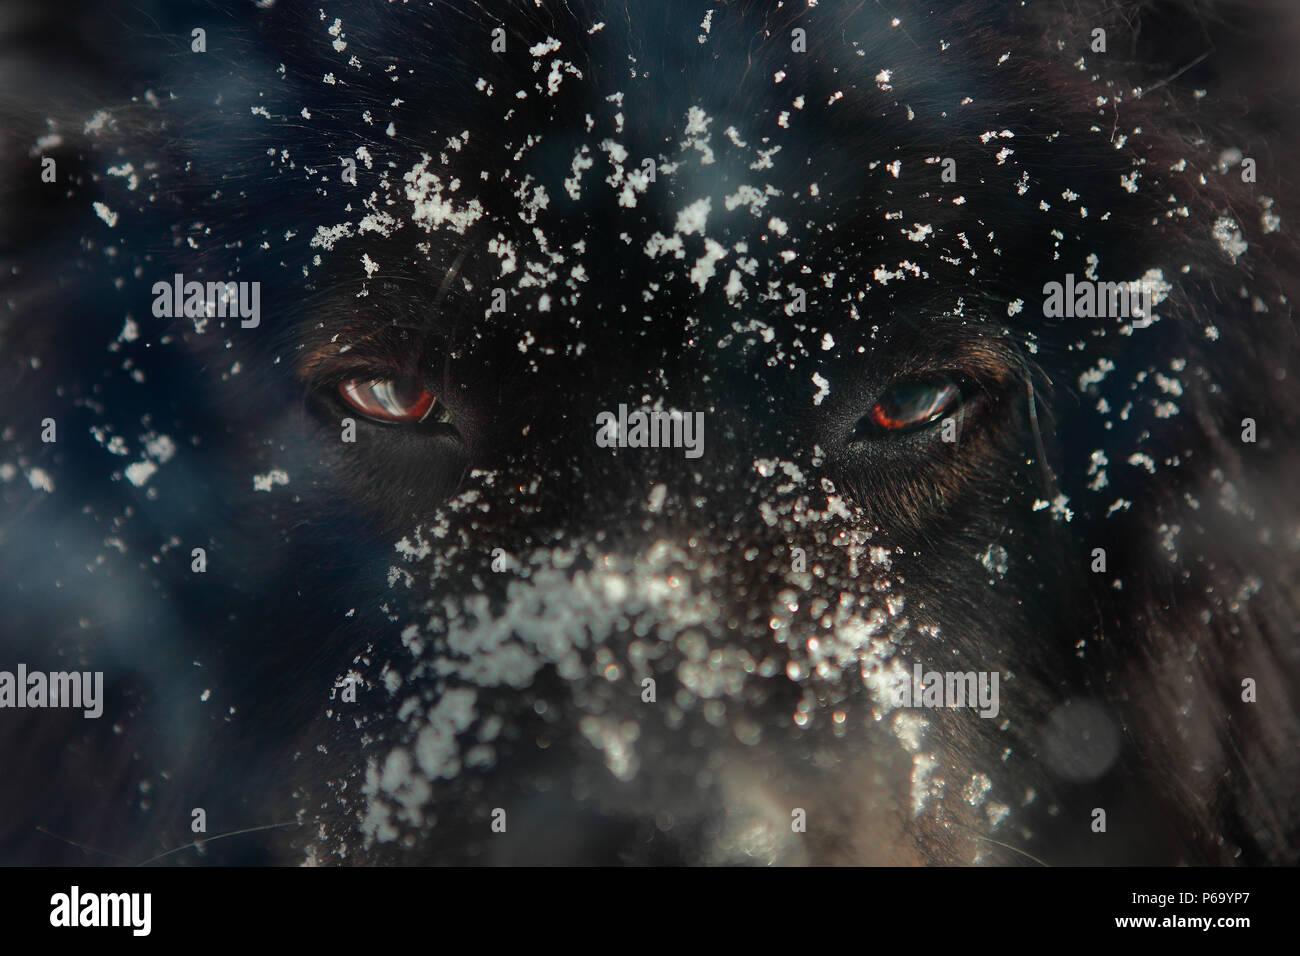 Schwarzer Hund Oder Wolf Augen Und Gesicht Im Winter Seine Augen